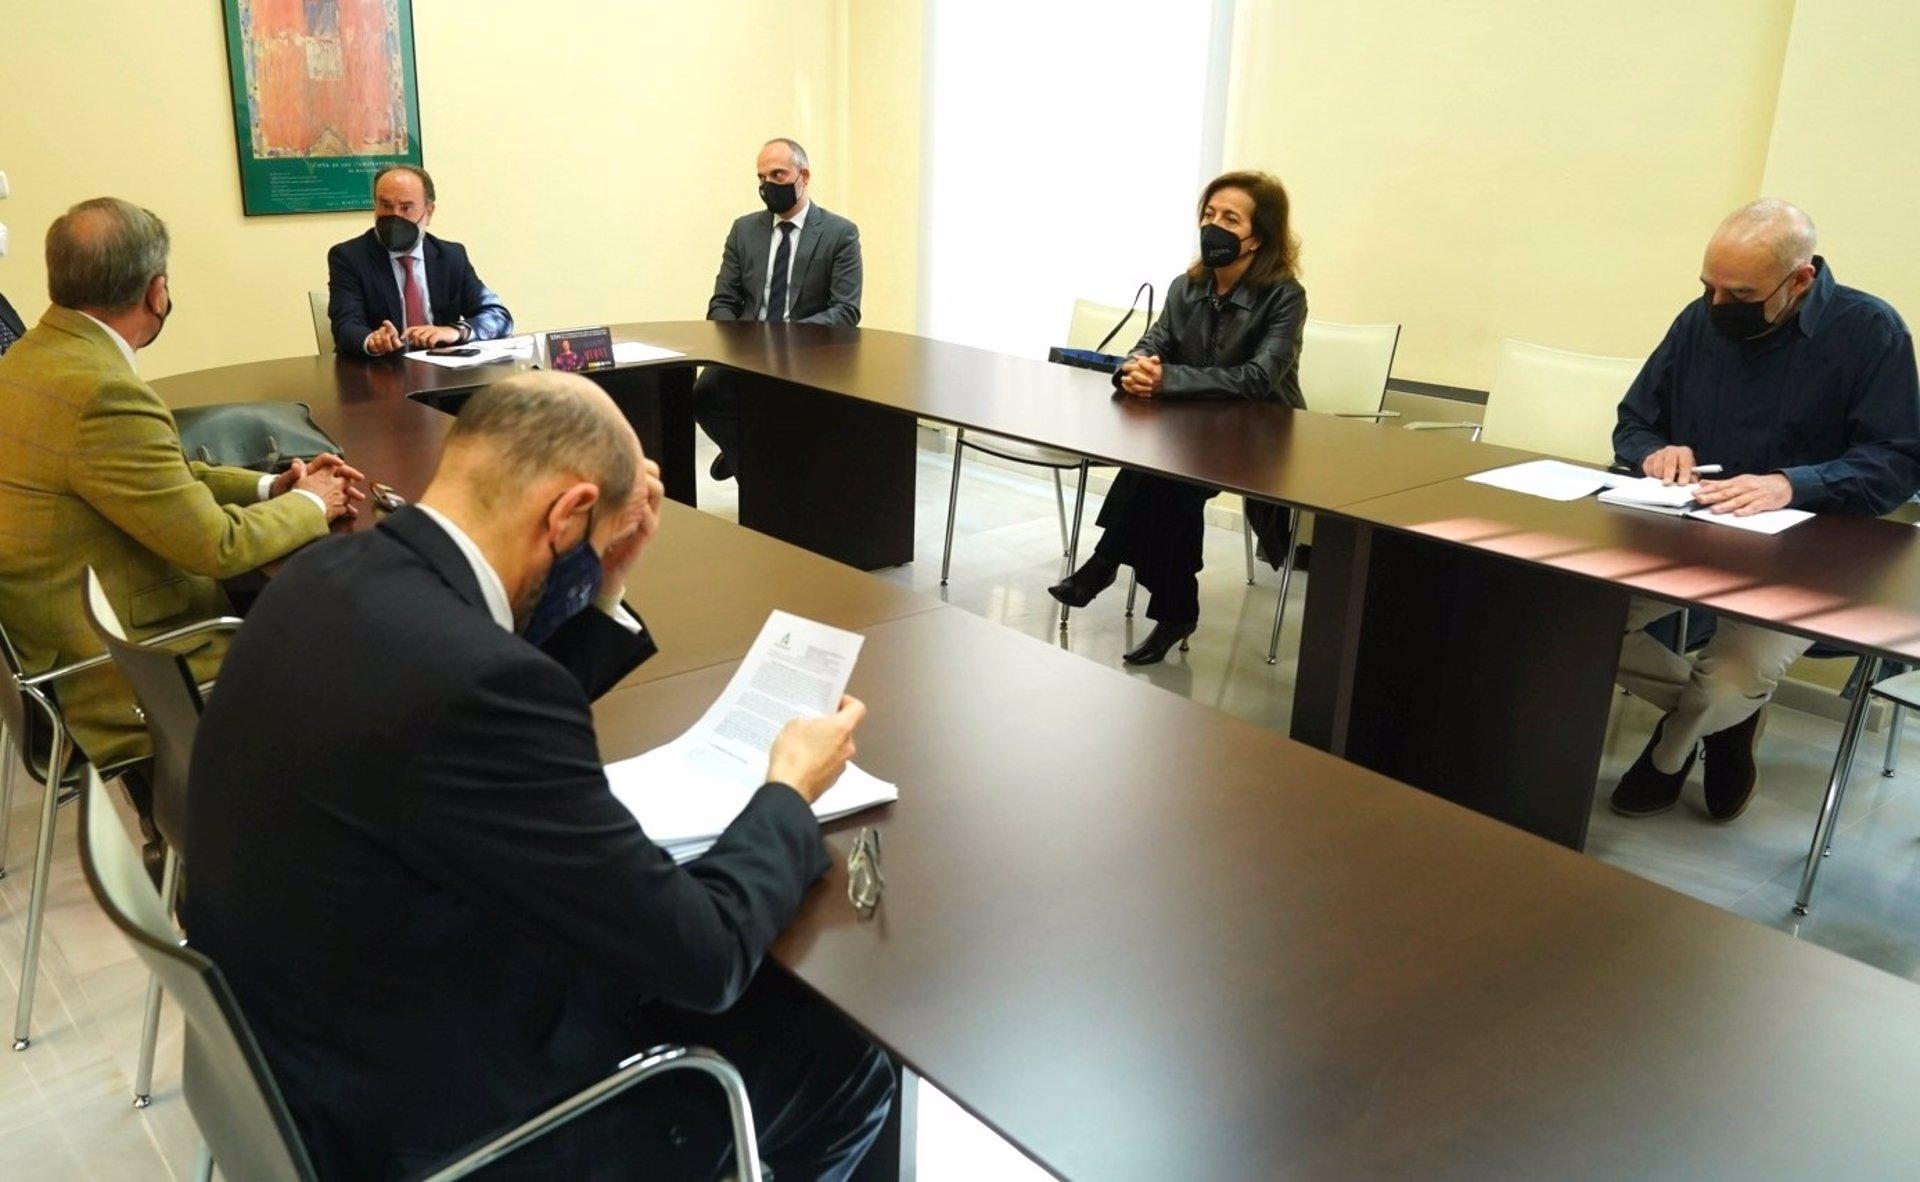 La abogacía pide a la Junta que apueste por el edificio del SEPE en Caleta para unificar juzgados